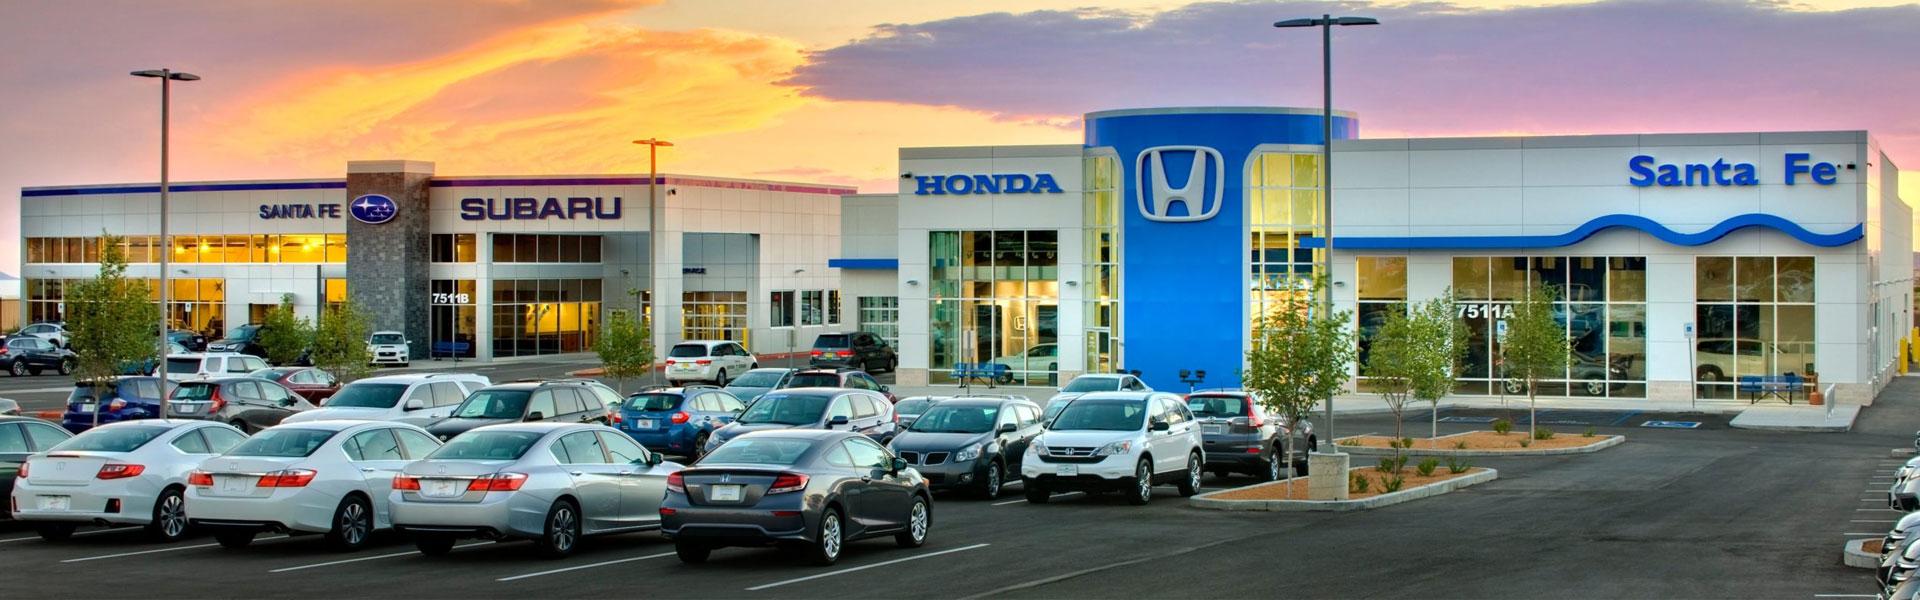 Honda/Subaru of Santa Fe